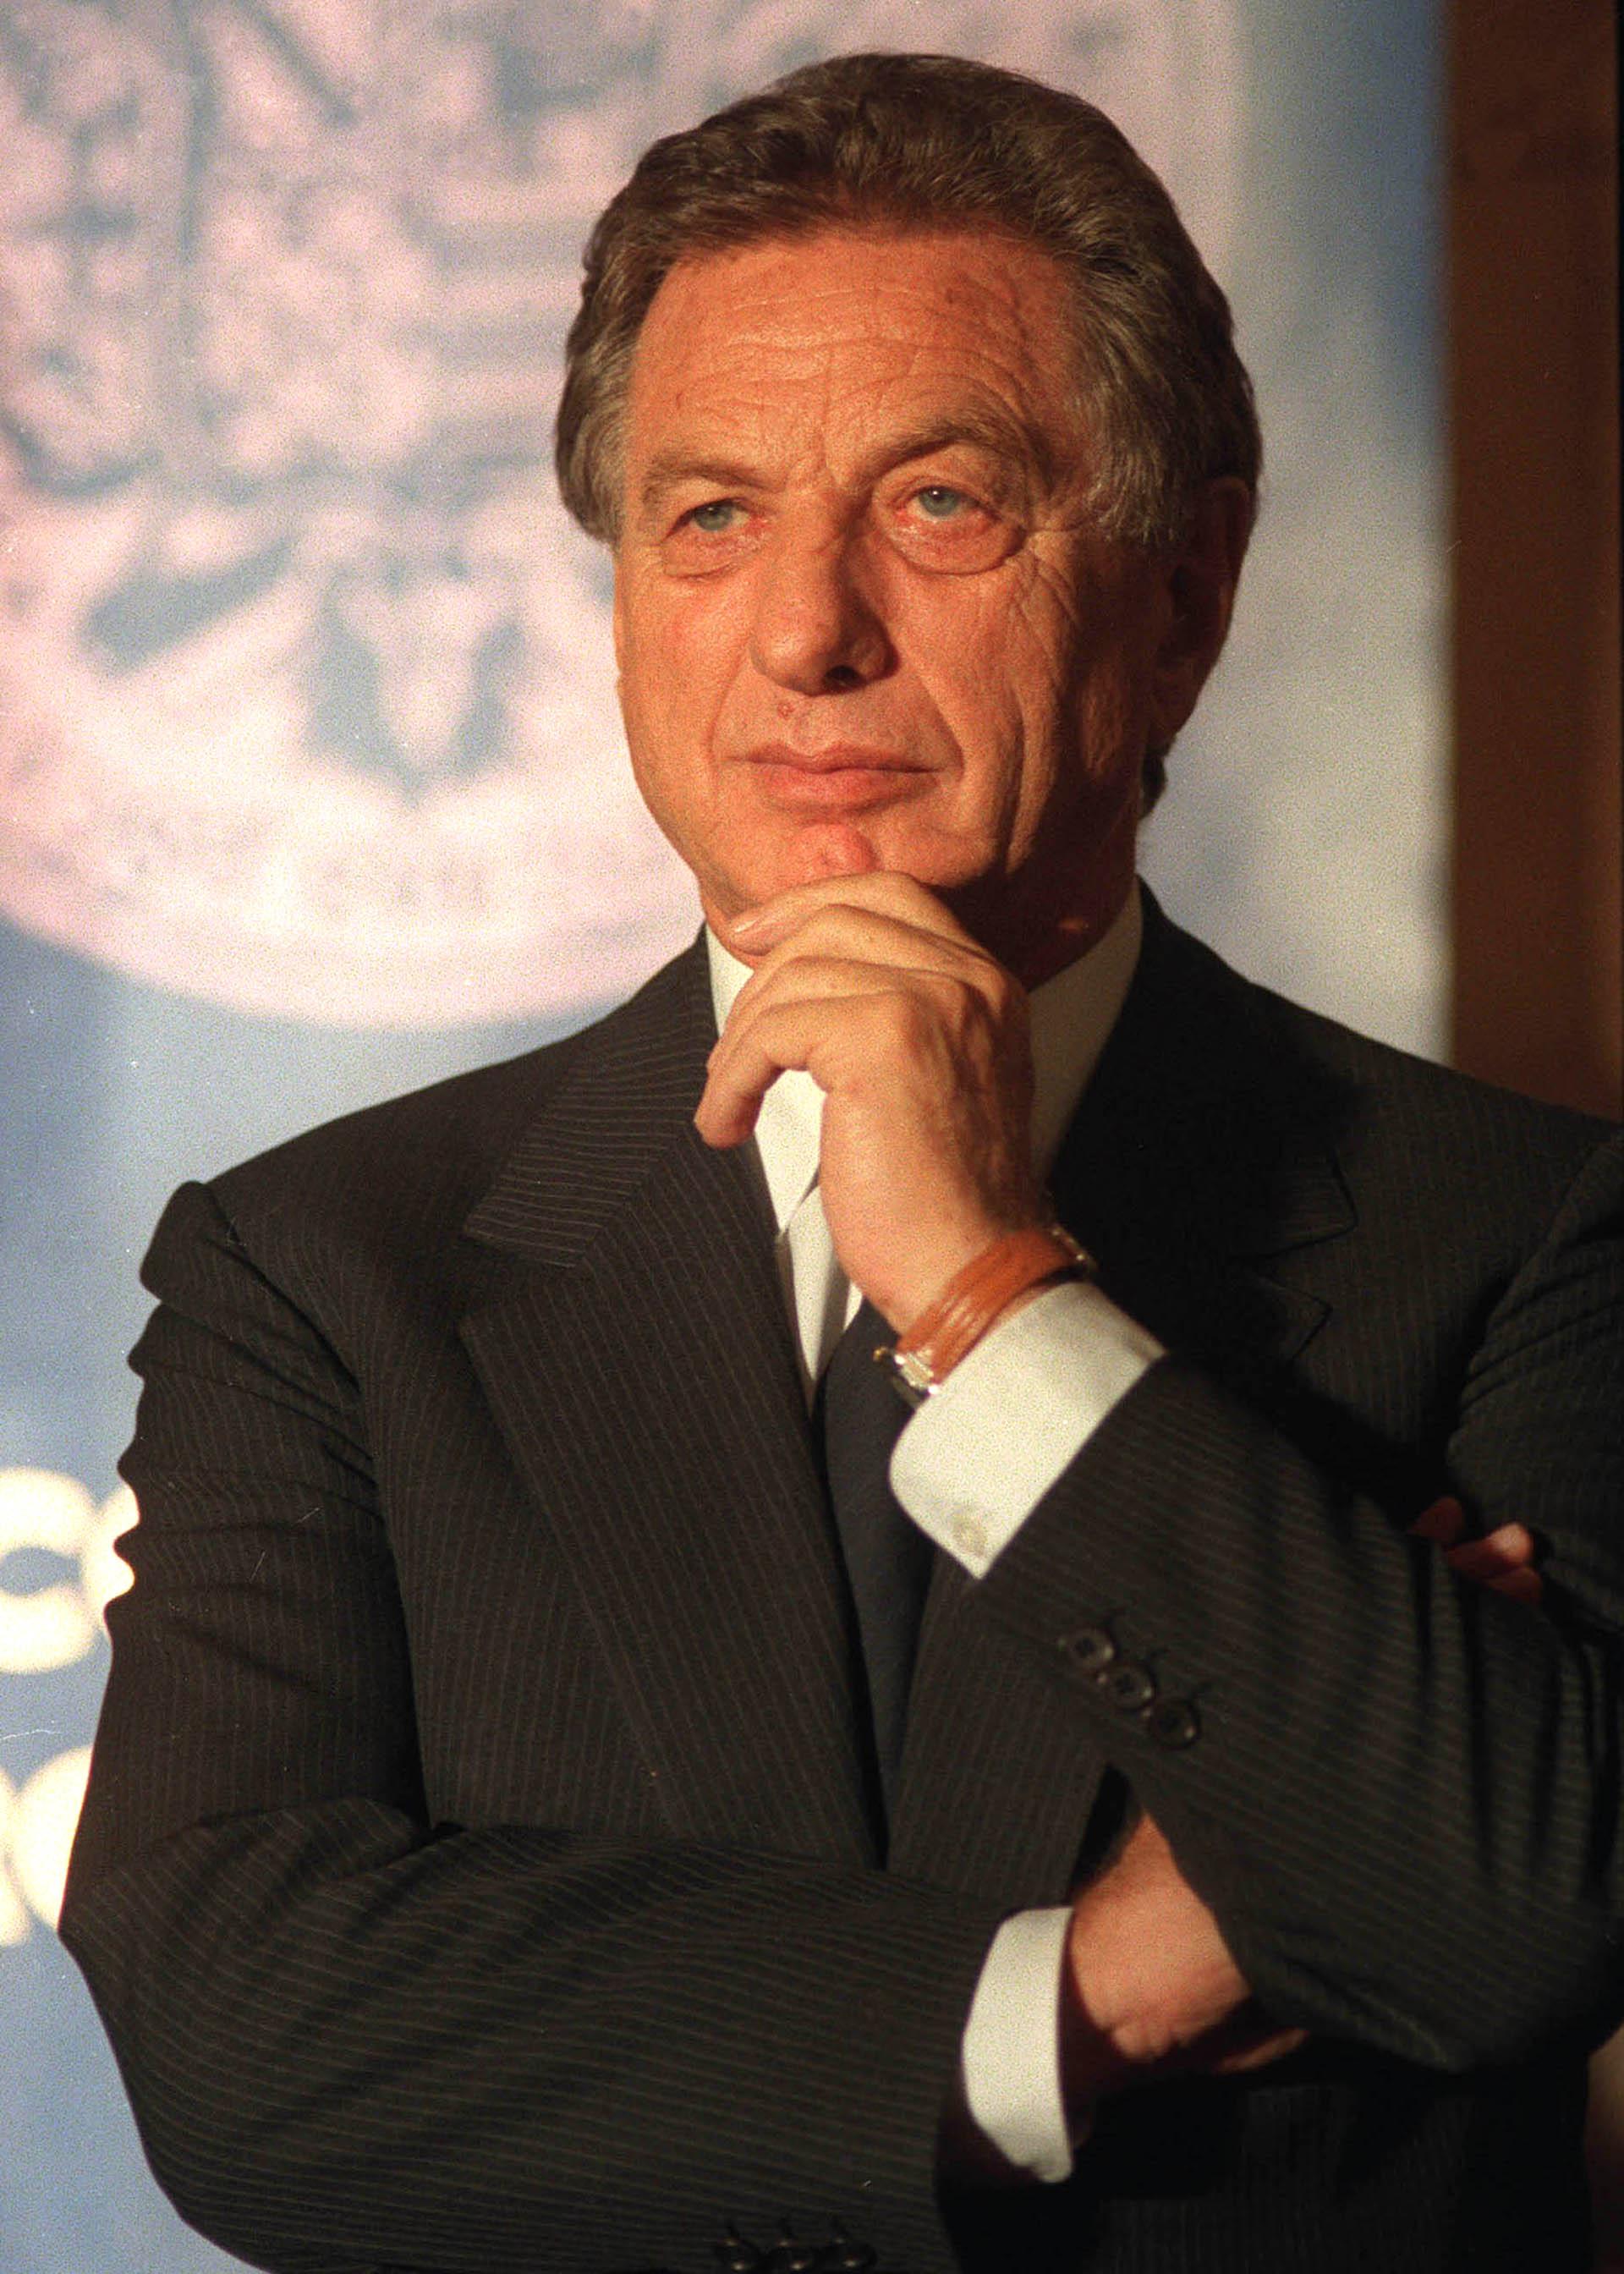 """""""Traté de ser el mejor padre que pude. Tal vez le puse una vara demasiado alta con mis expectativas y con las cosas que yo había hecho, tal vez, como él mismo (Mauricio Macri) dice, competí con él cuando se fue convirtiendo en hombre"""", escribió Franco en una larga carta pública que publicó un mes después de la asunción de su hijo como presidente de la Argentina (Télam)"""